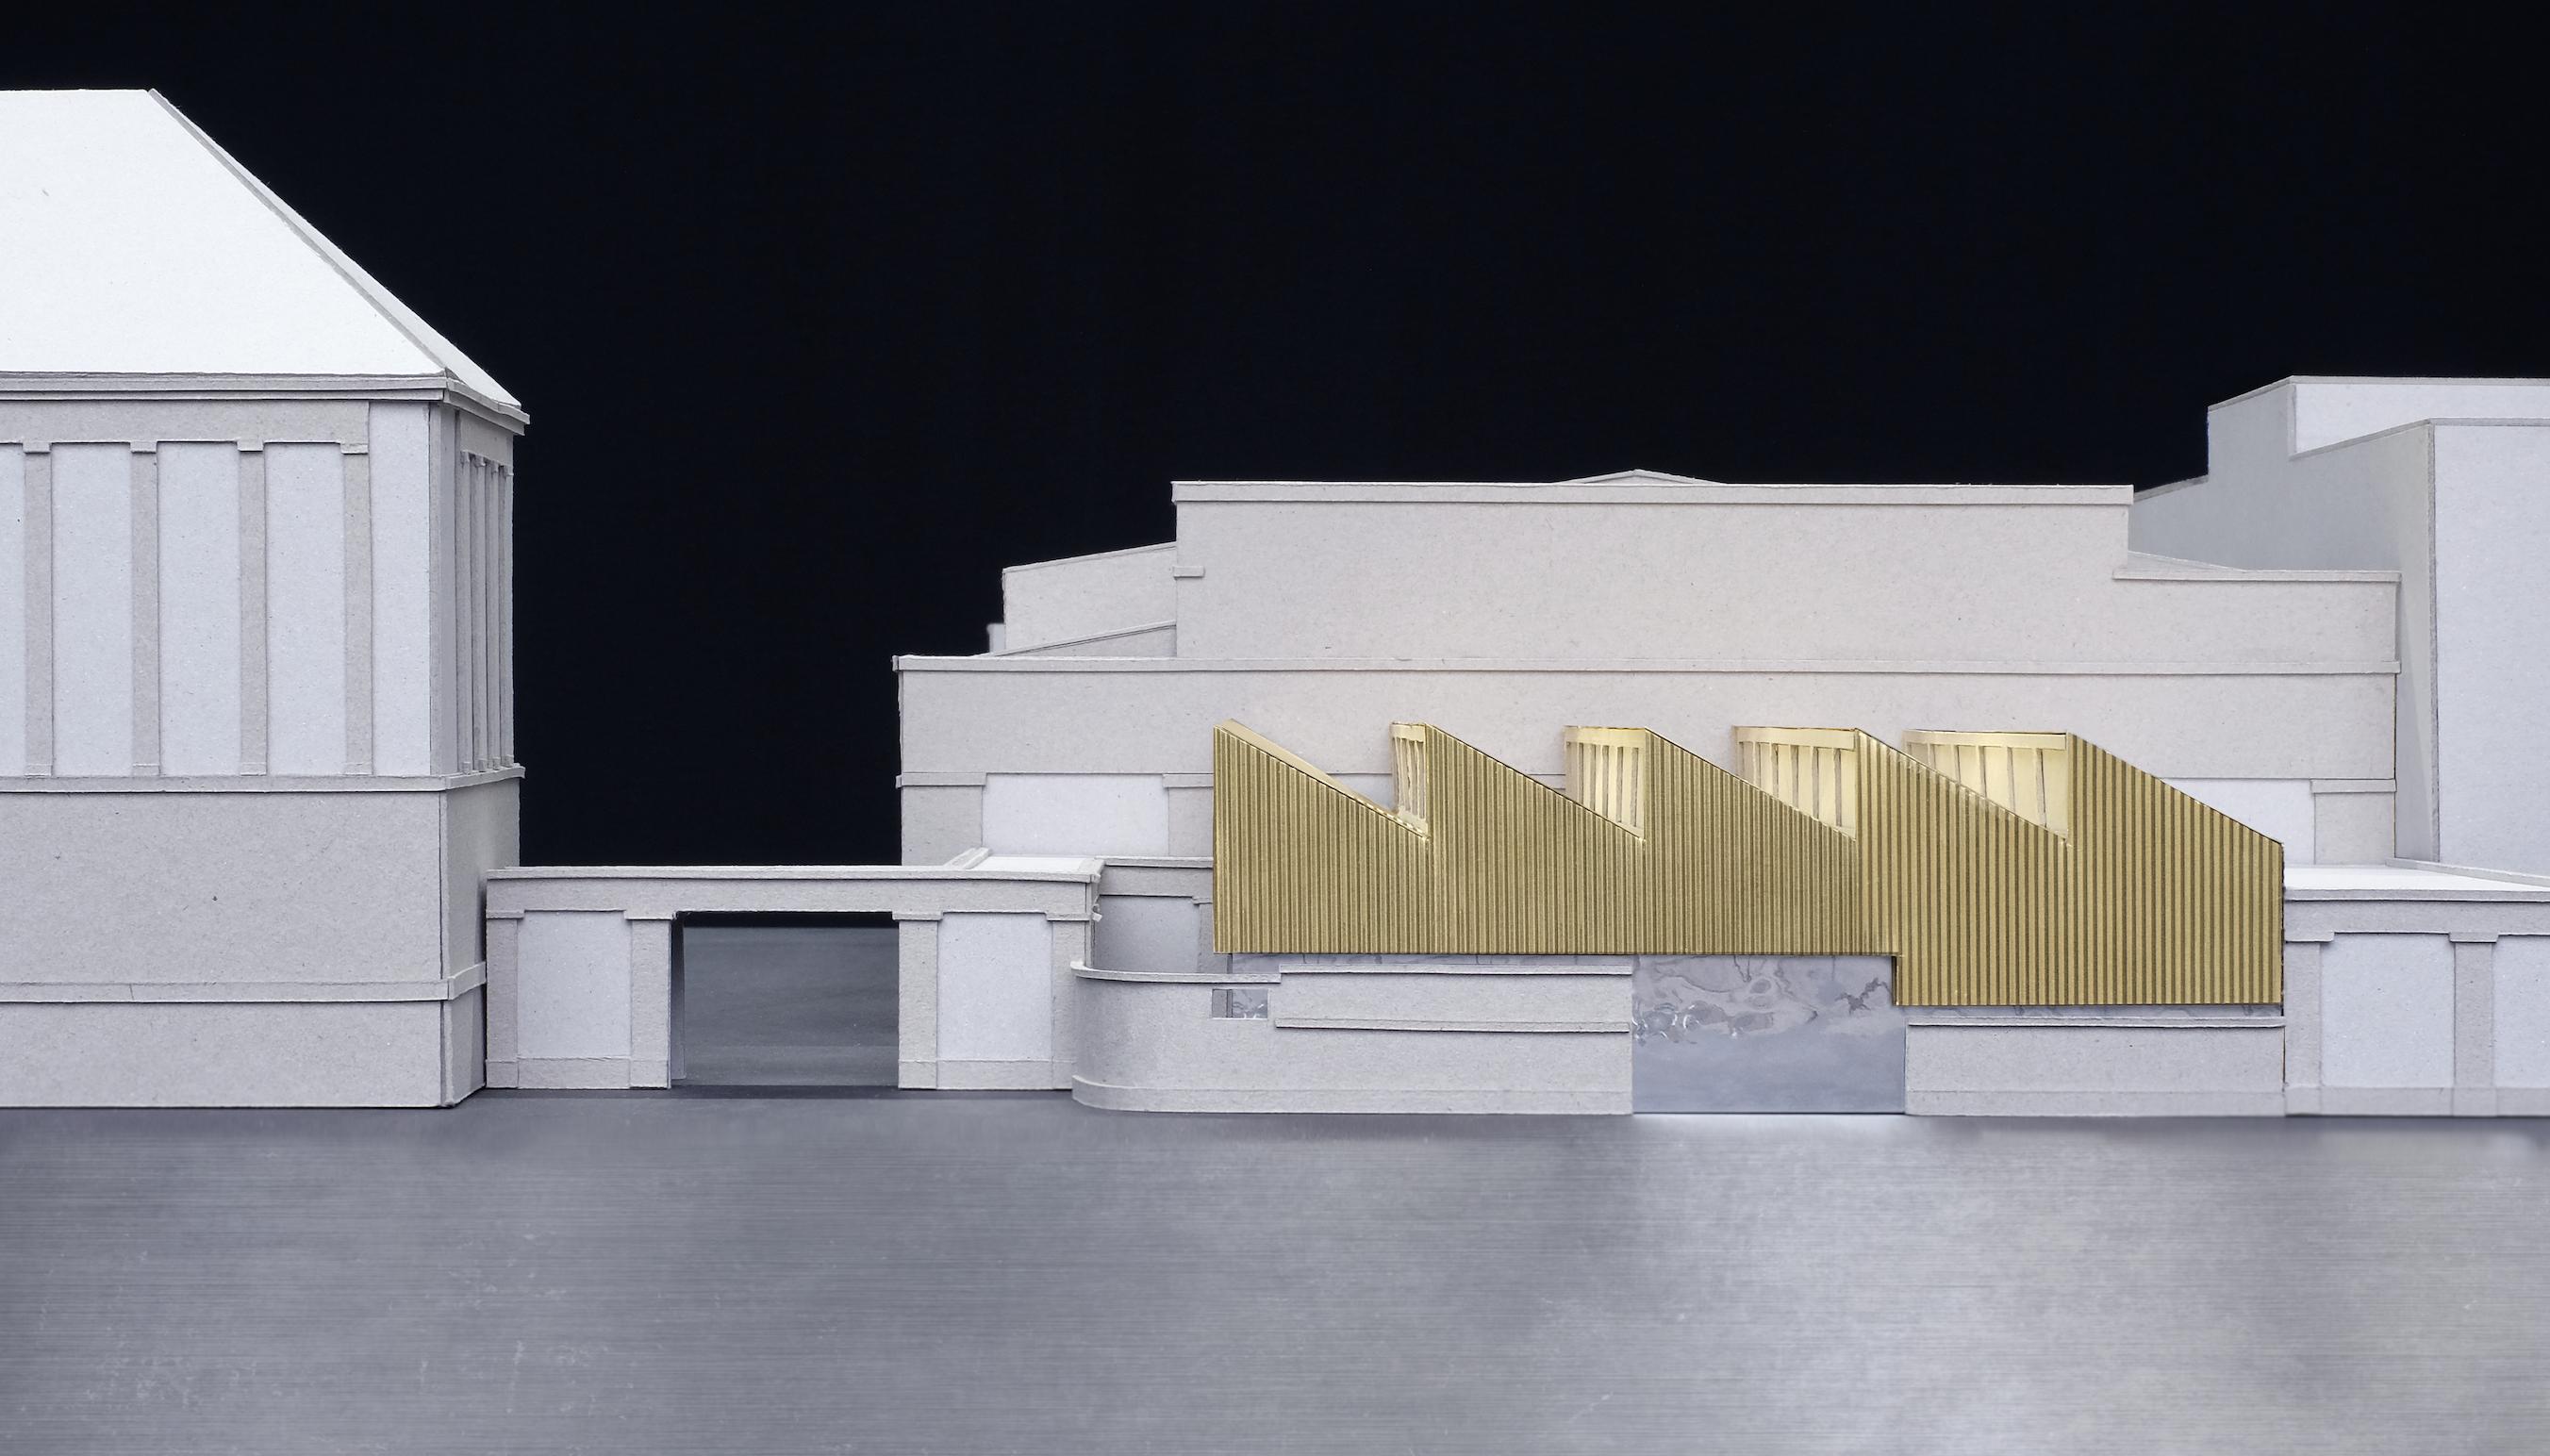 Festhalle Rheinstahlgelände, Tanja Lincke Architekten